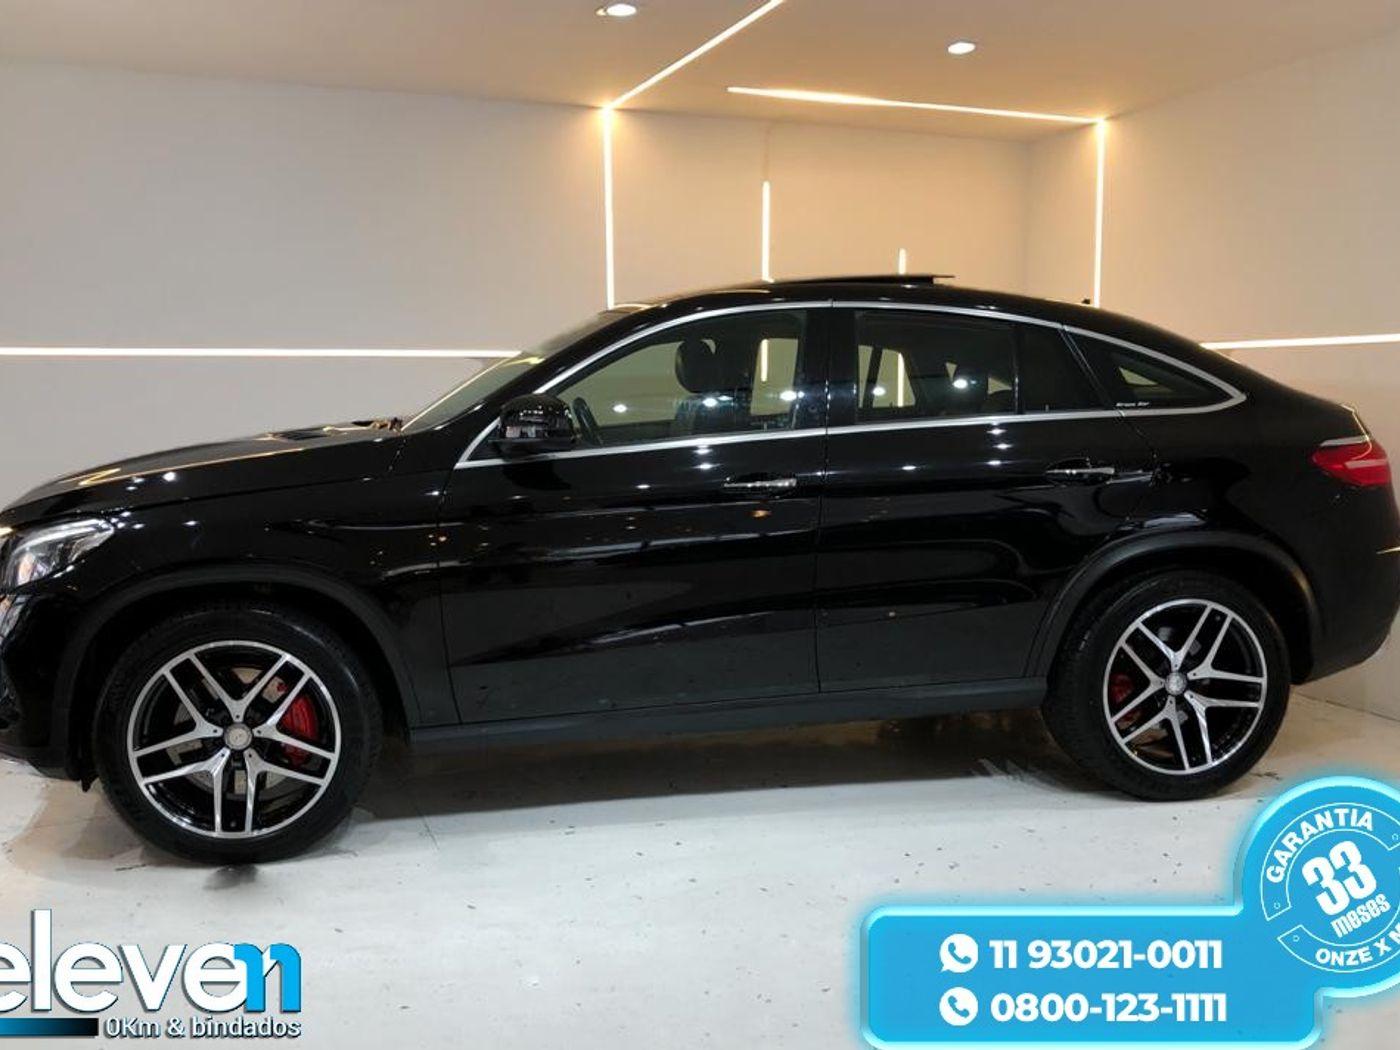 Mercedes GLE-400 Coupe 3.0 V6 333cv Aut.